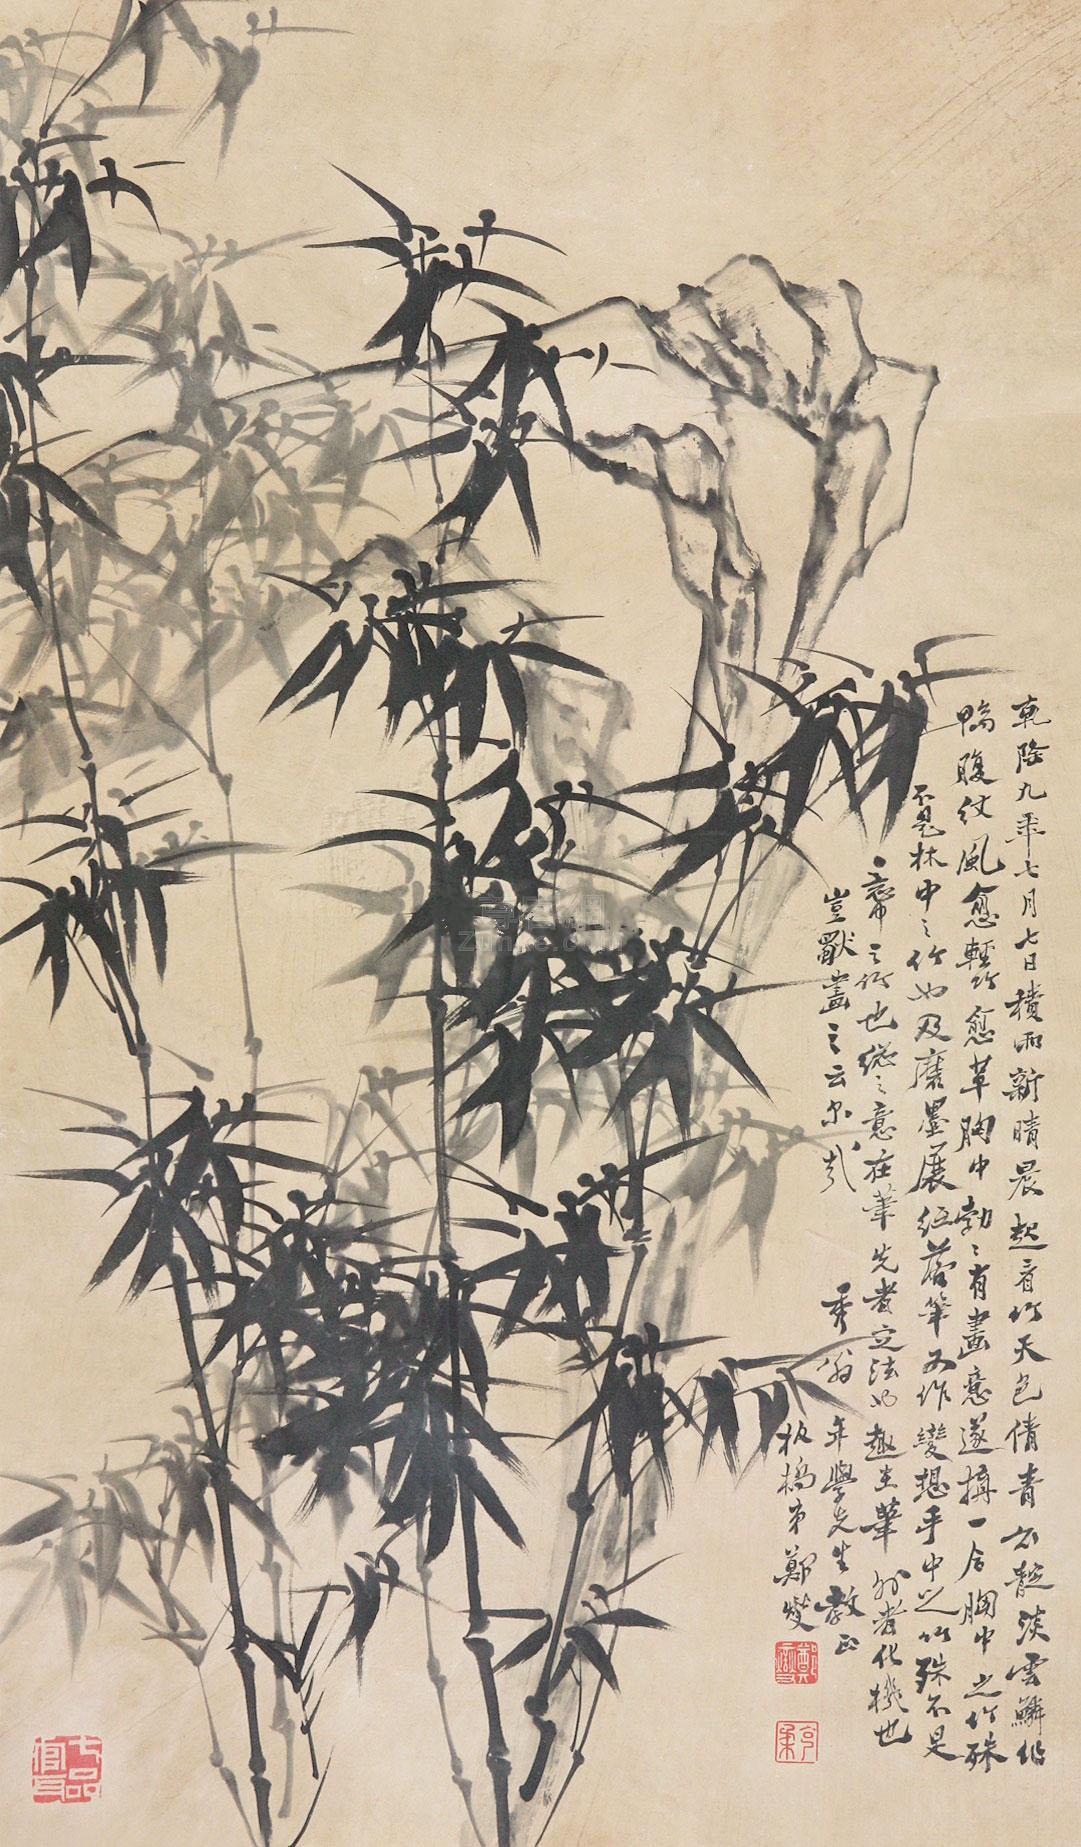 郑板桥 竹石图 立轴 纸本作品欣赏